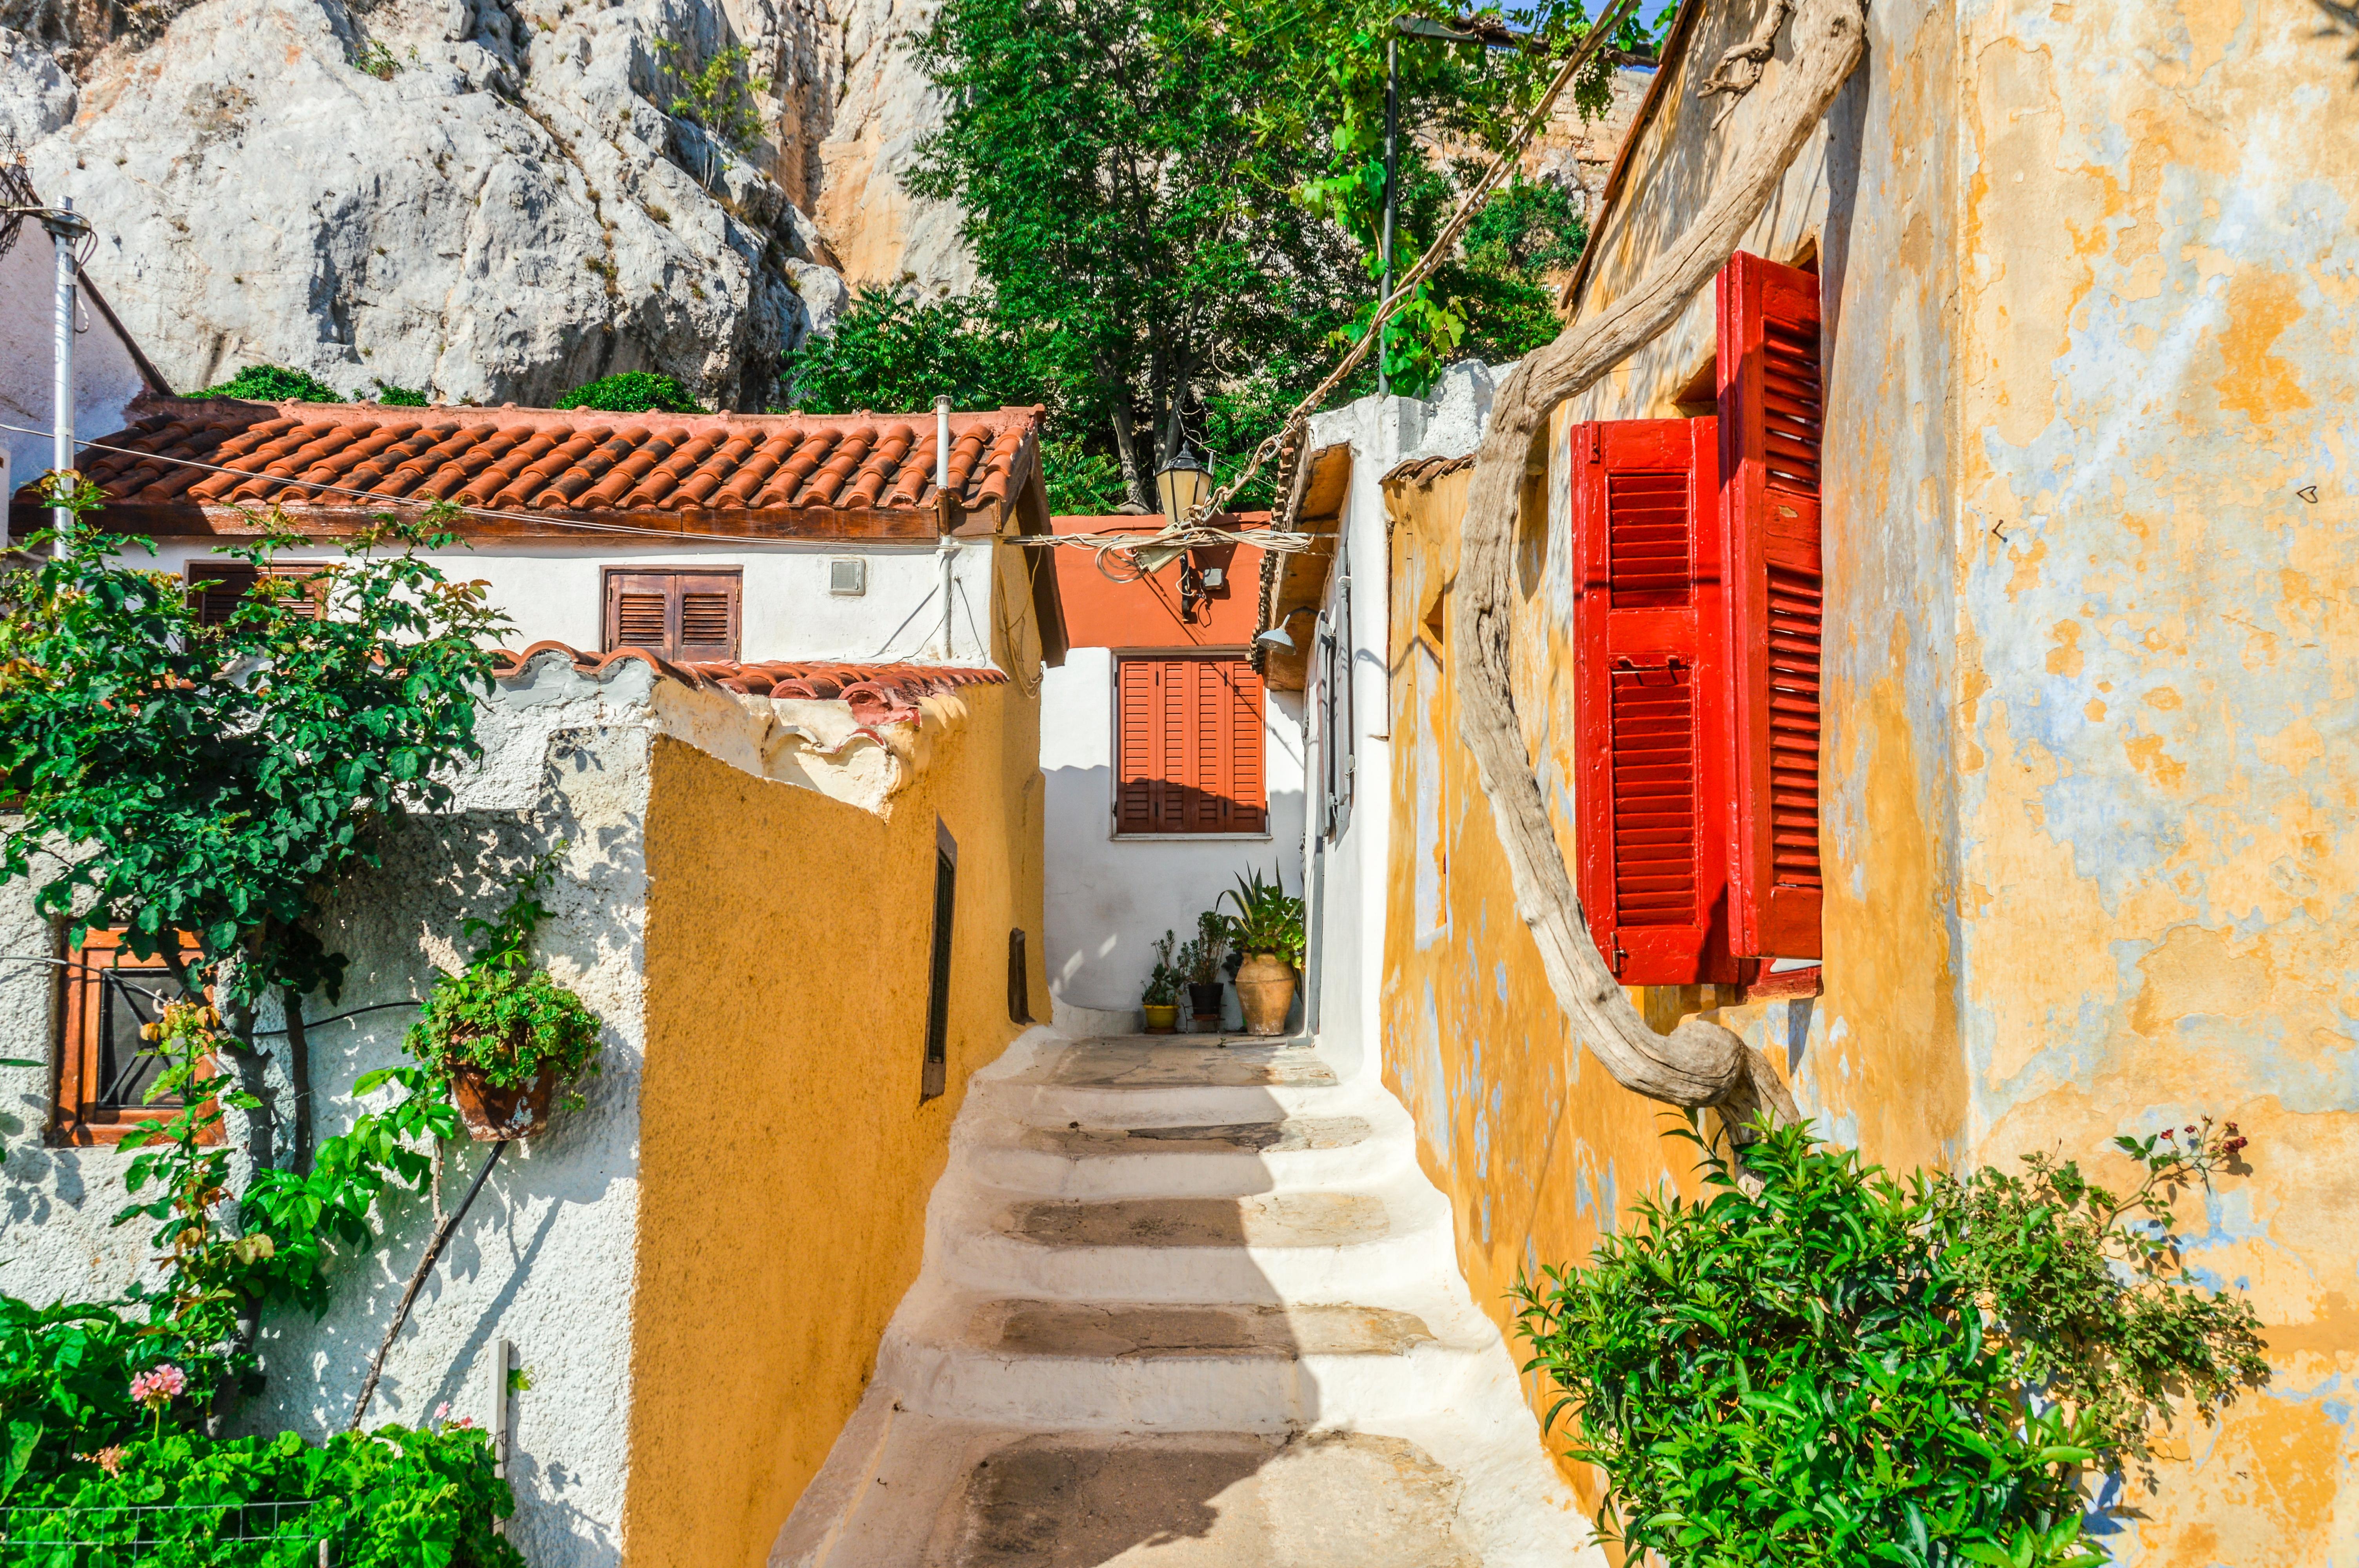 Date un paseo por el corazón histórico de Atenas - Grecia Circuito Atenas, Olimpia, Delfos y Kalambaka